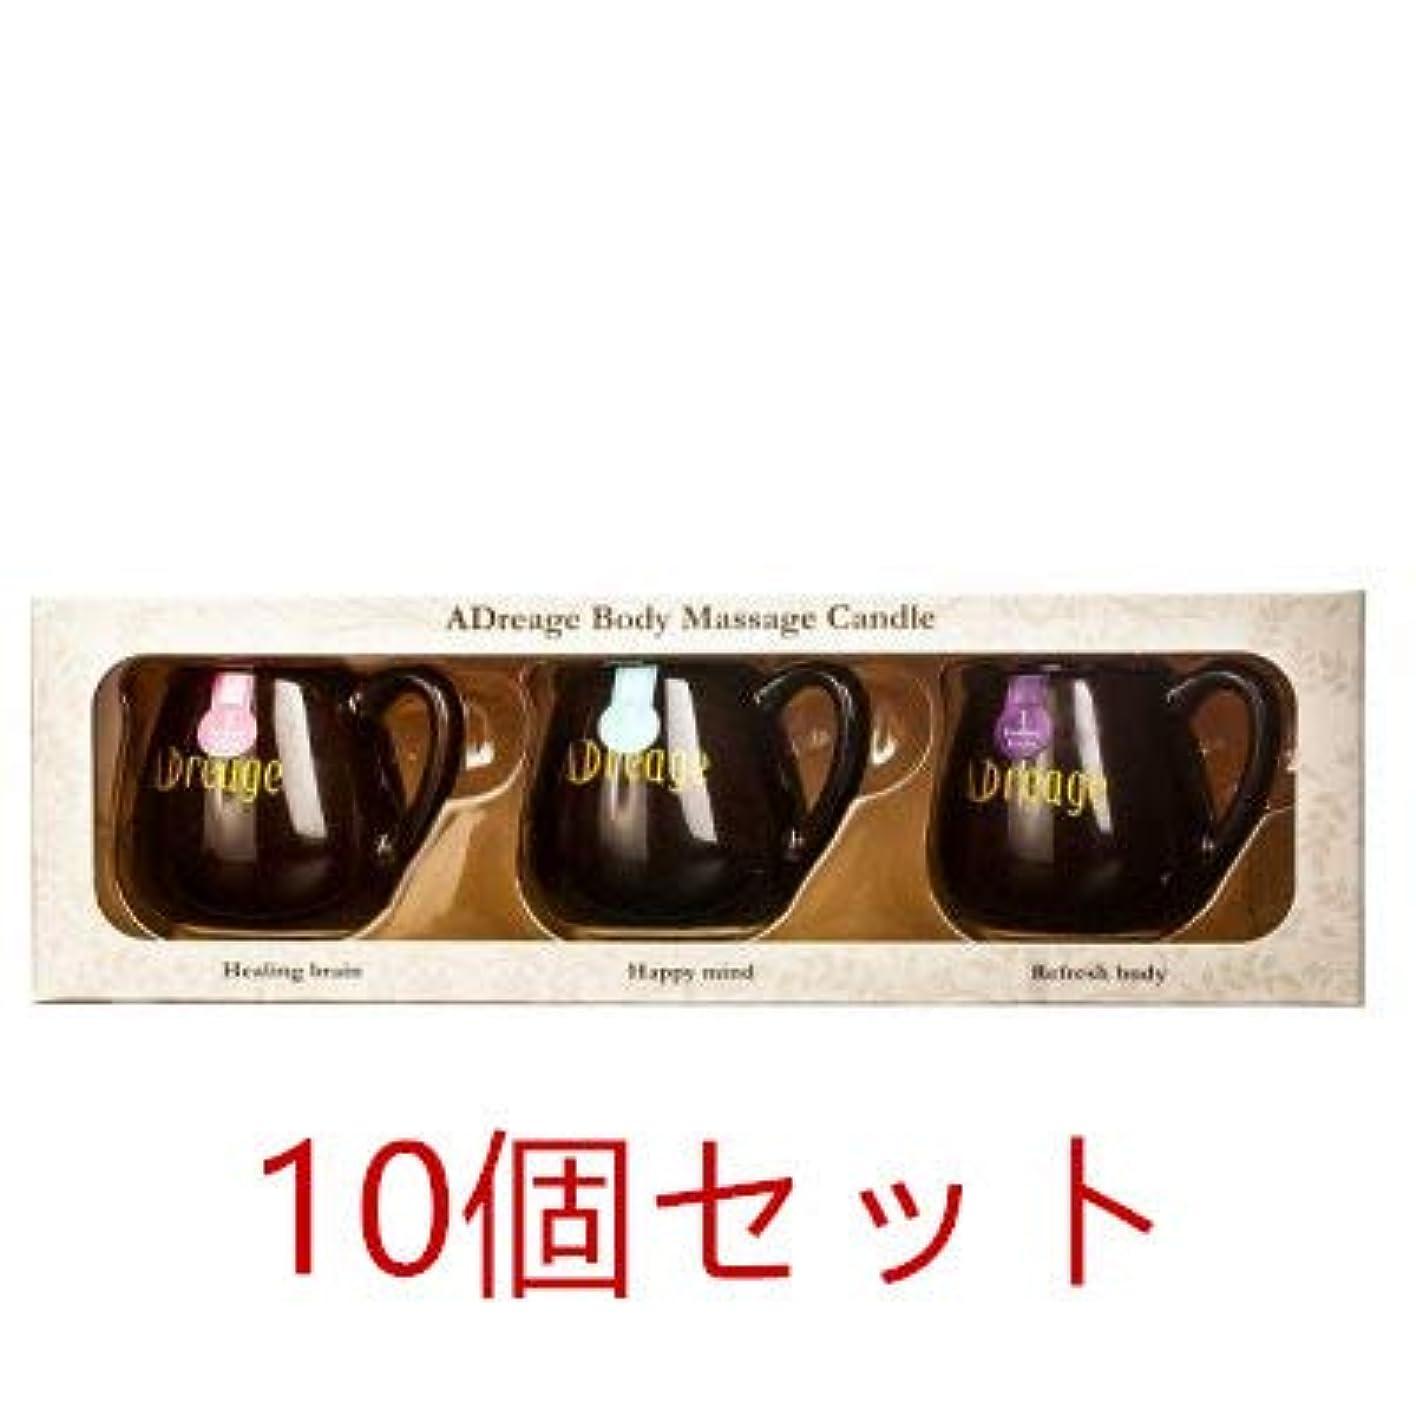 チキンセットする米ドルSAKURA LOVE Aroma Candle【アドレアージュ キャンドルミニセット】10個セット